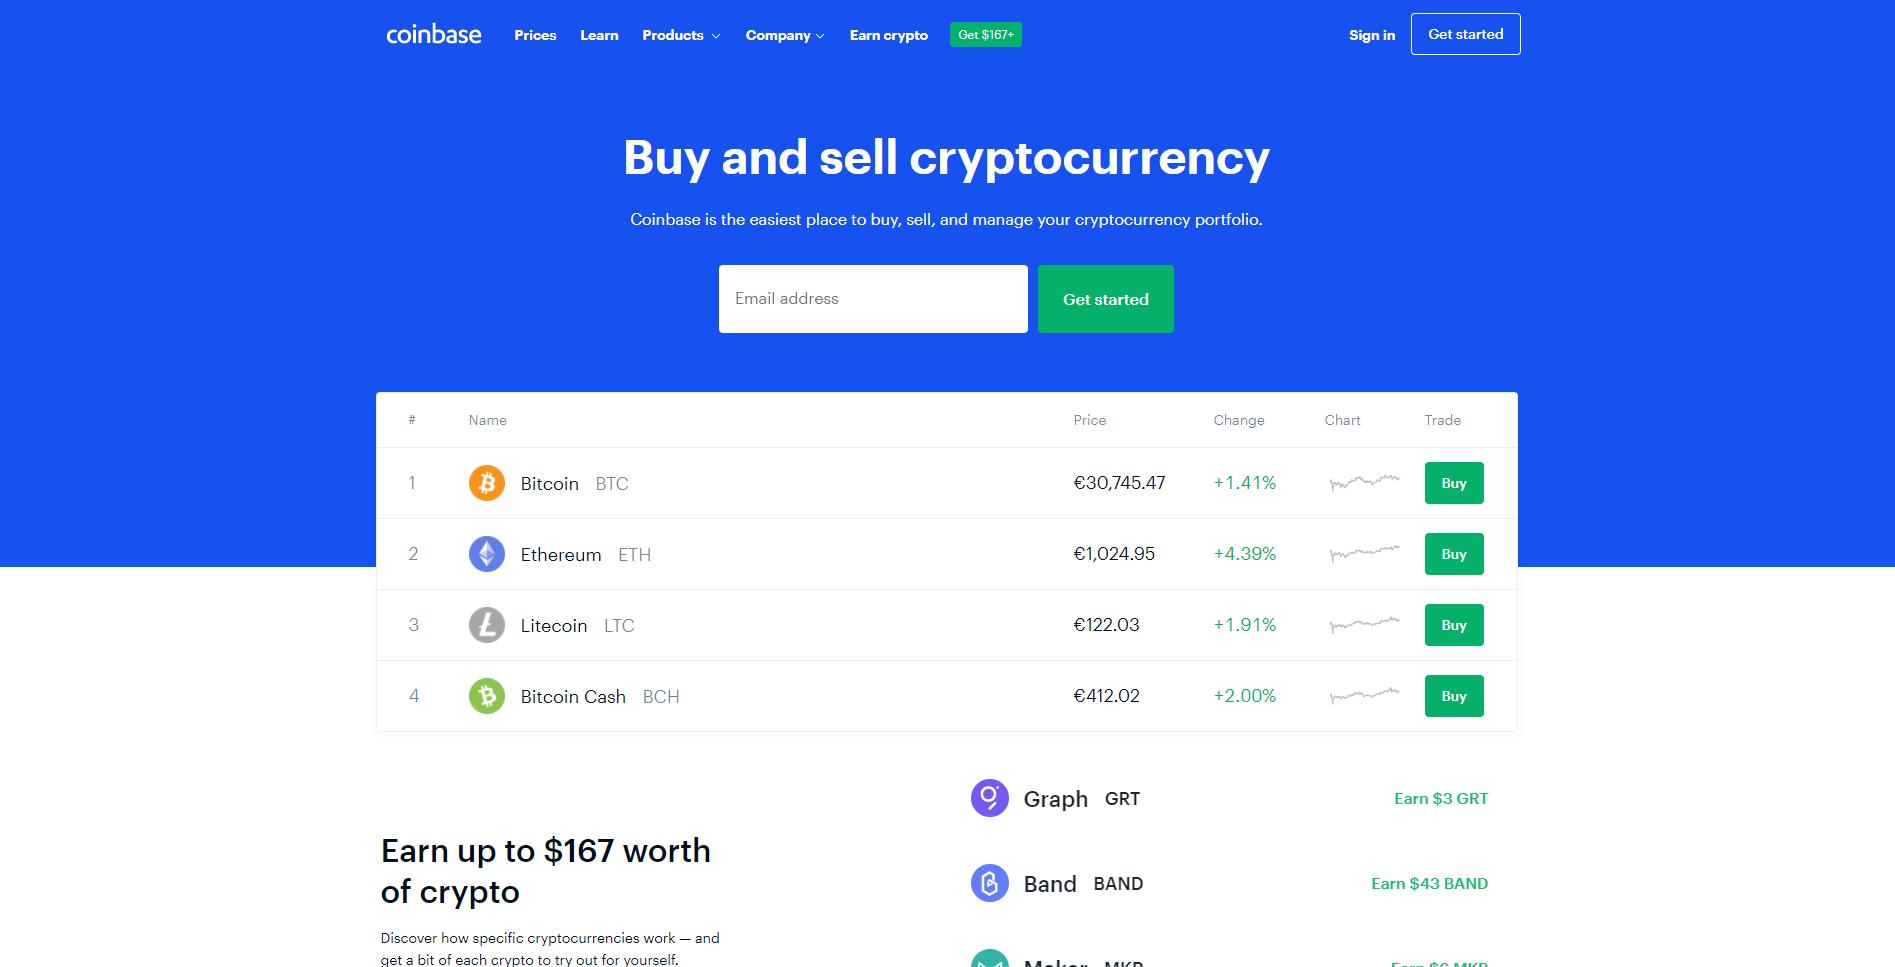 Officiële website van Coinbase